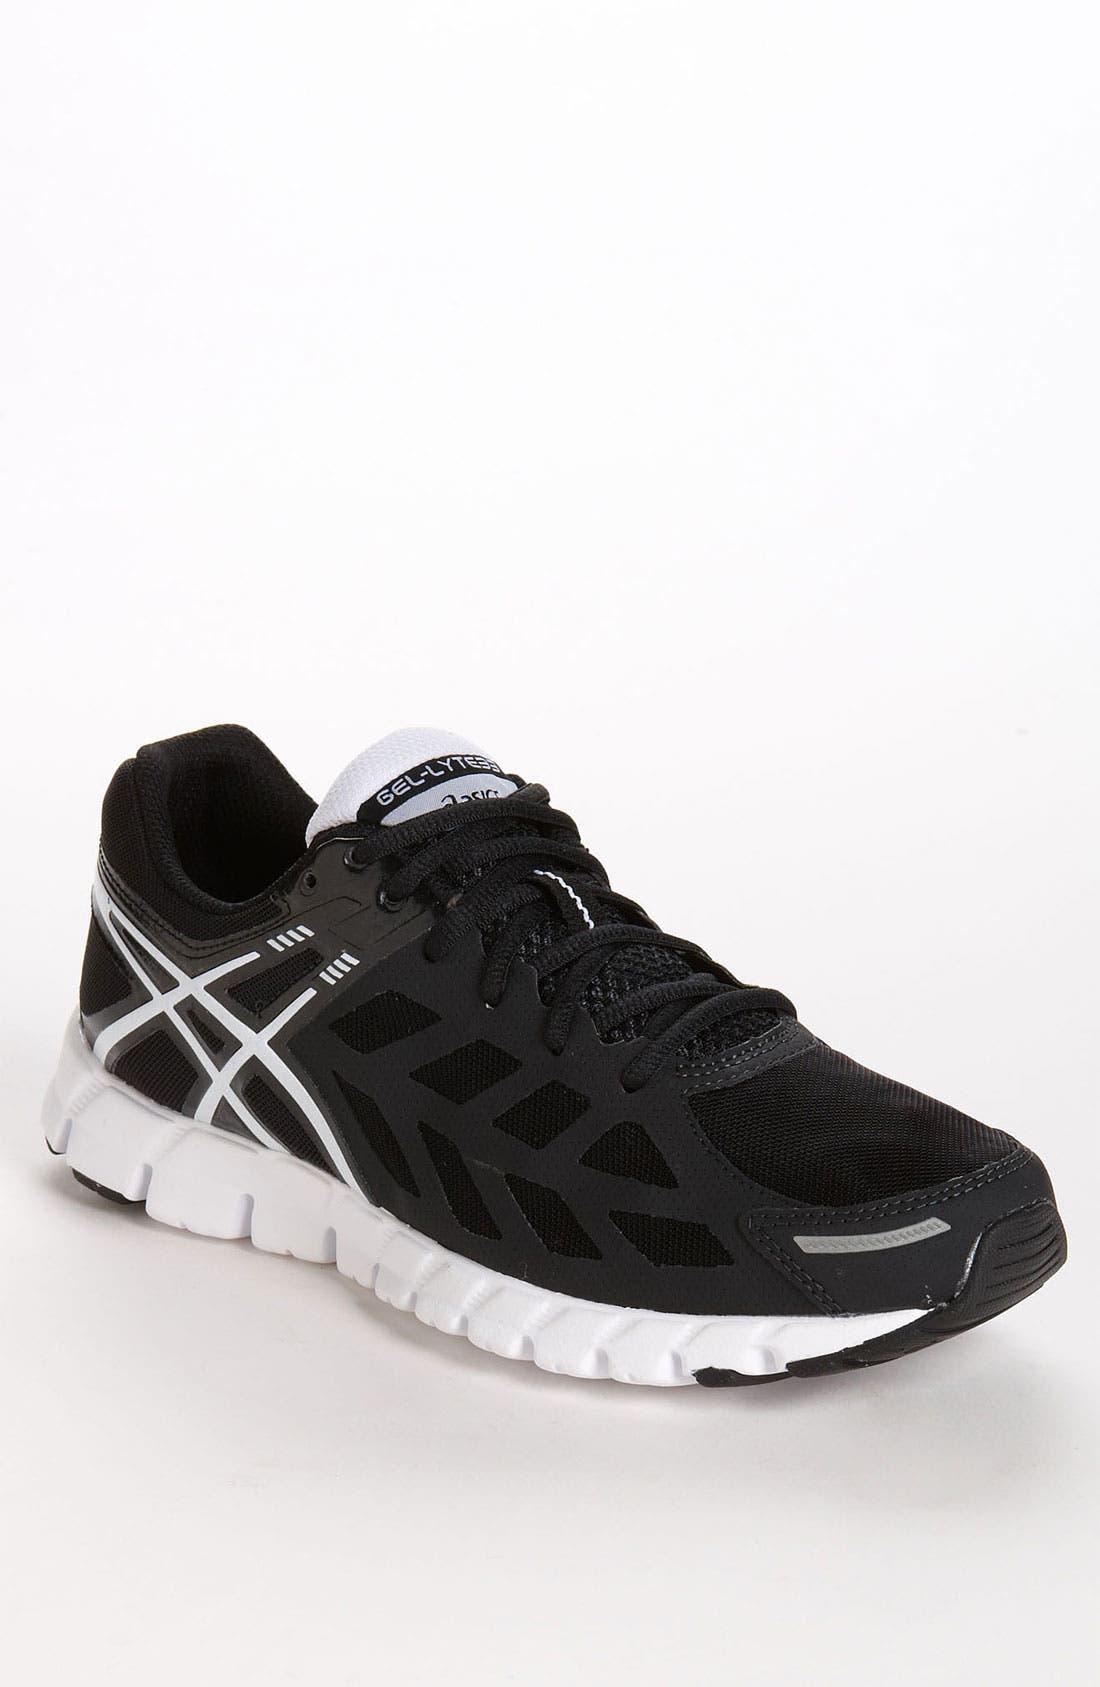 Alternate Image 1 Selected - ASICS® 'GEL-Lyte 33' Running Shoe (Men)